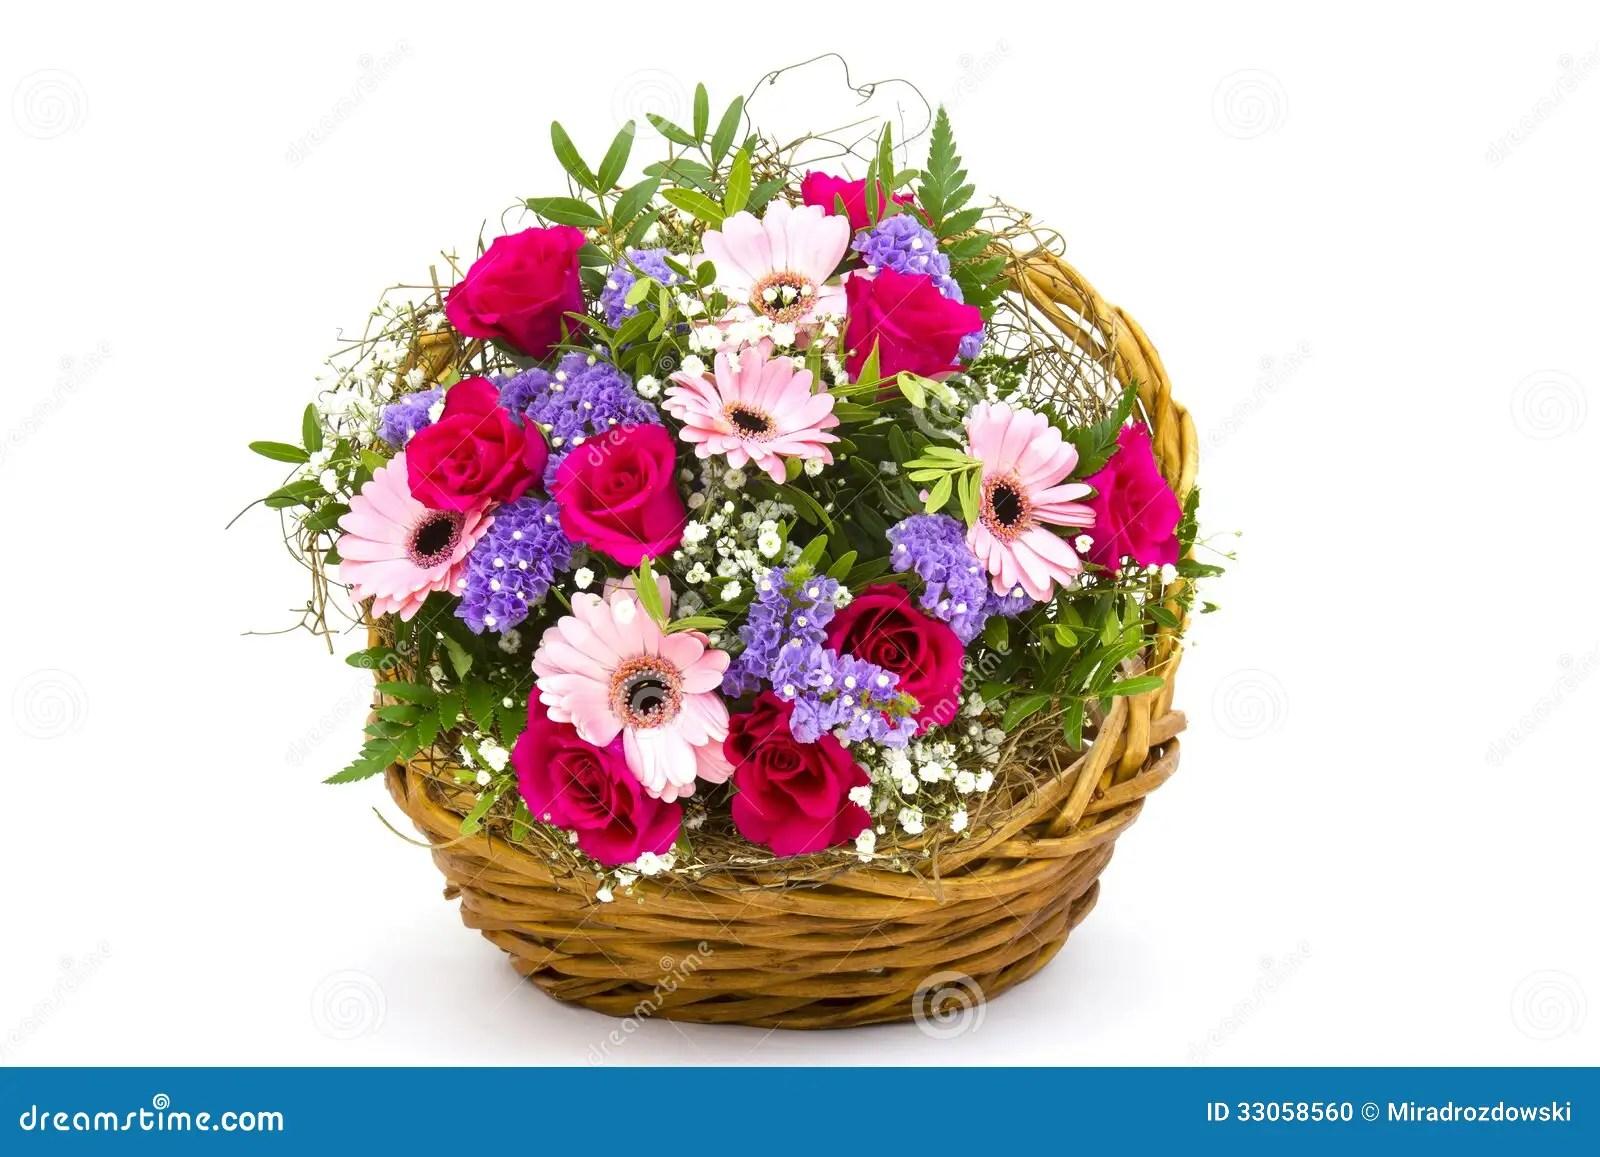 Bunte Blumen In Einem Korb Stockfoto  Bild 33058560